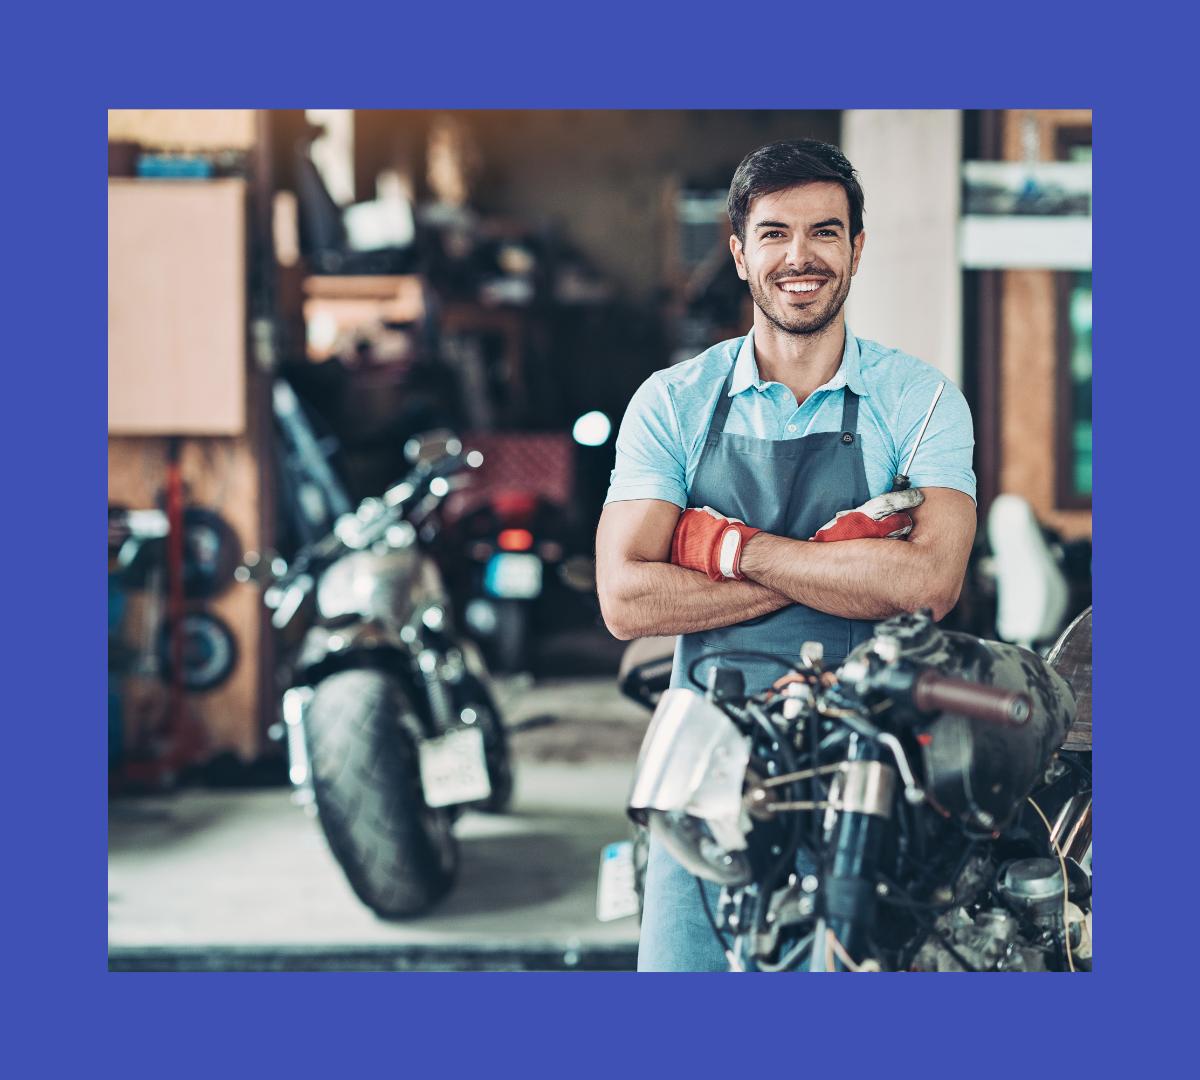 quanto costa spedire una moto